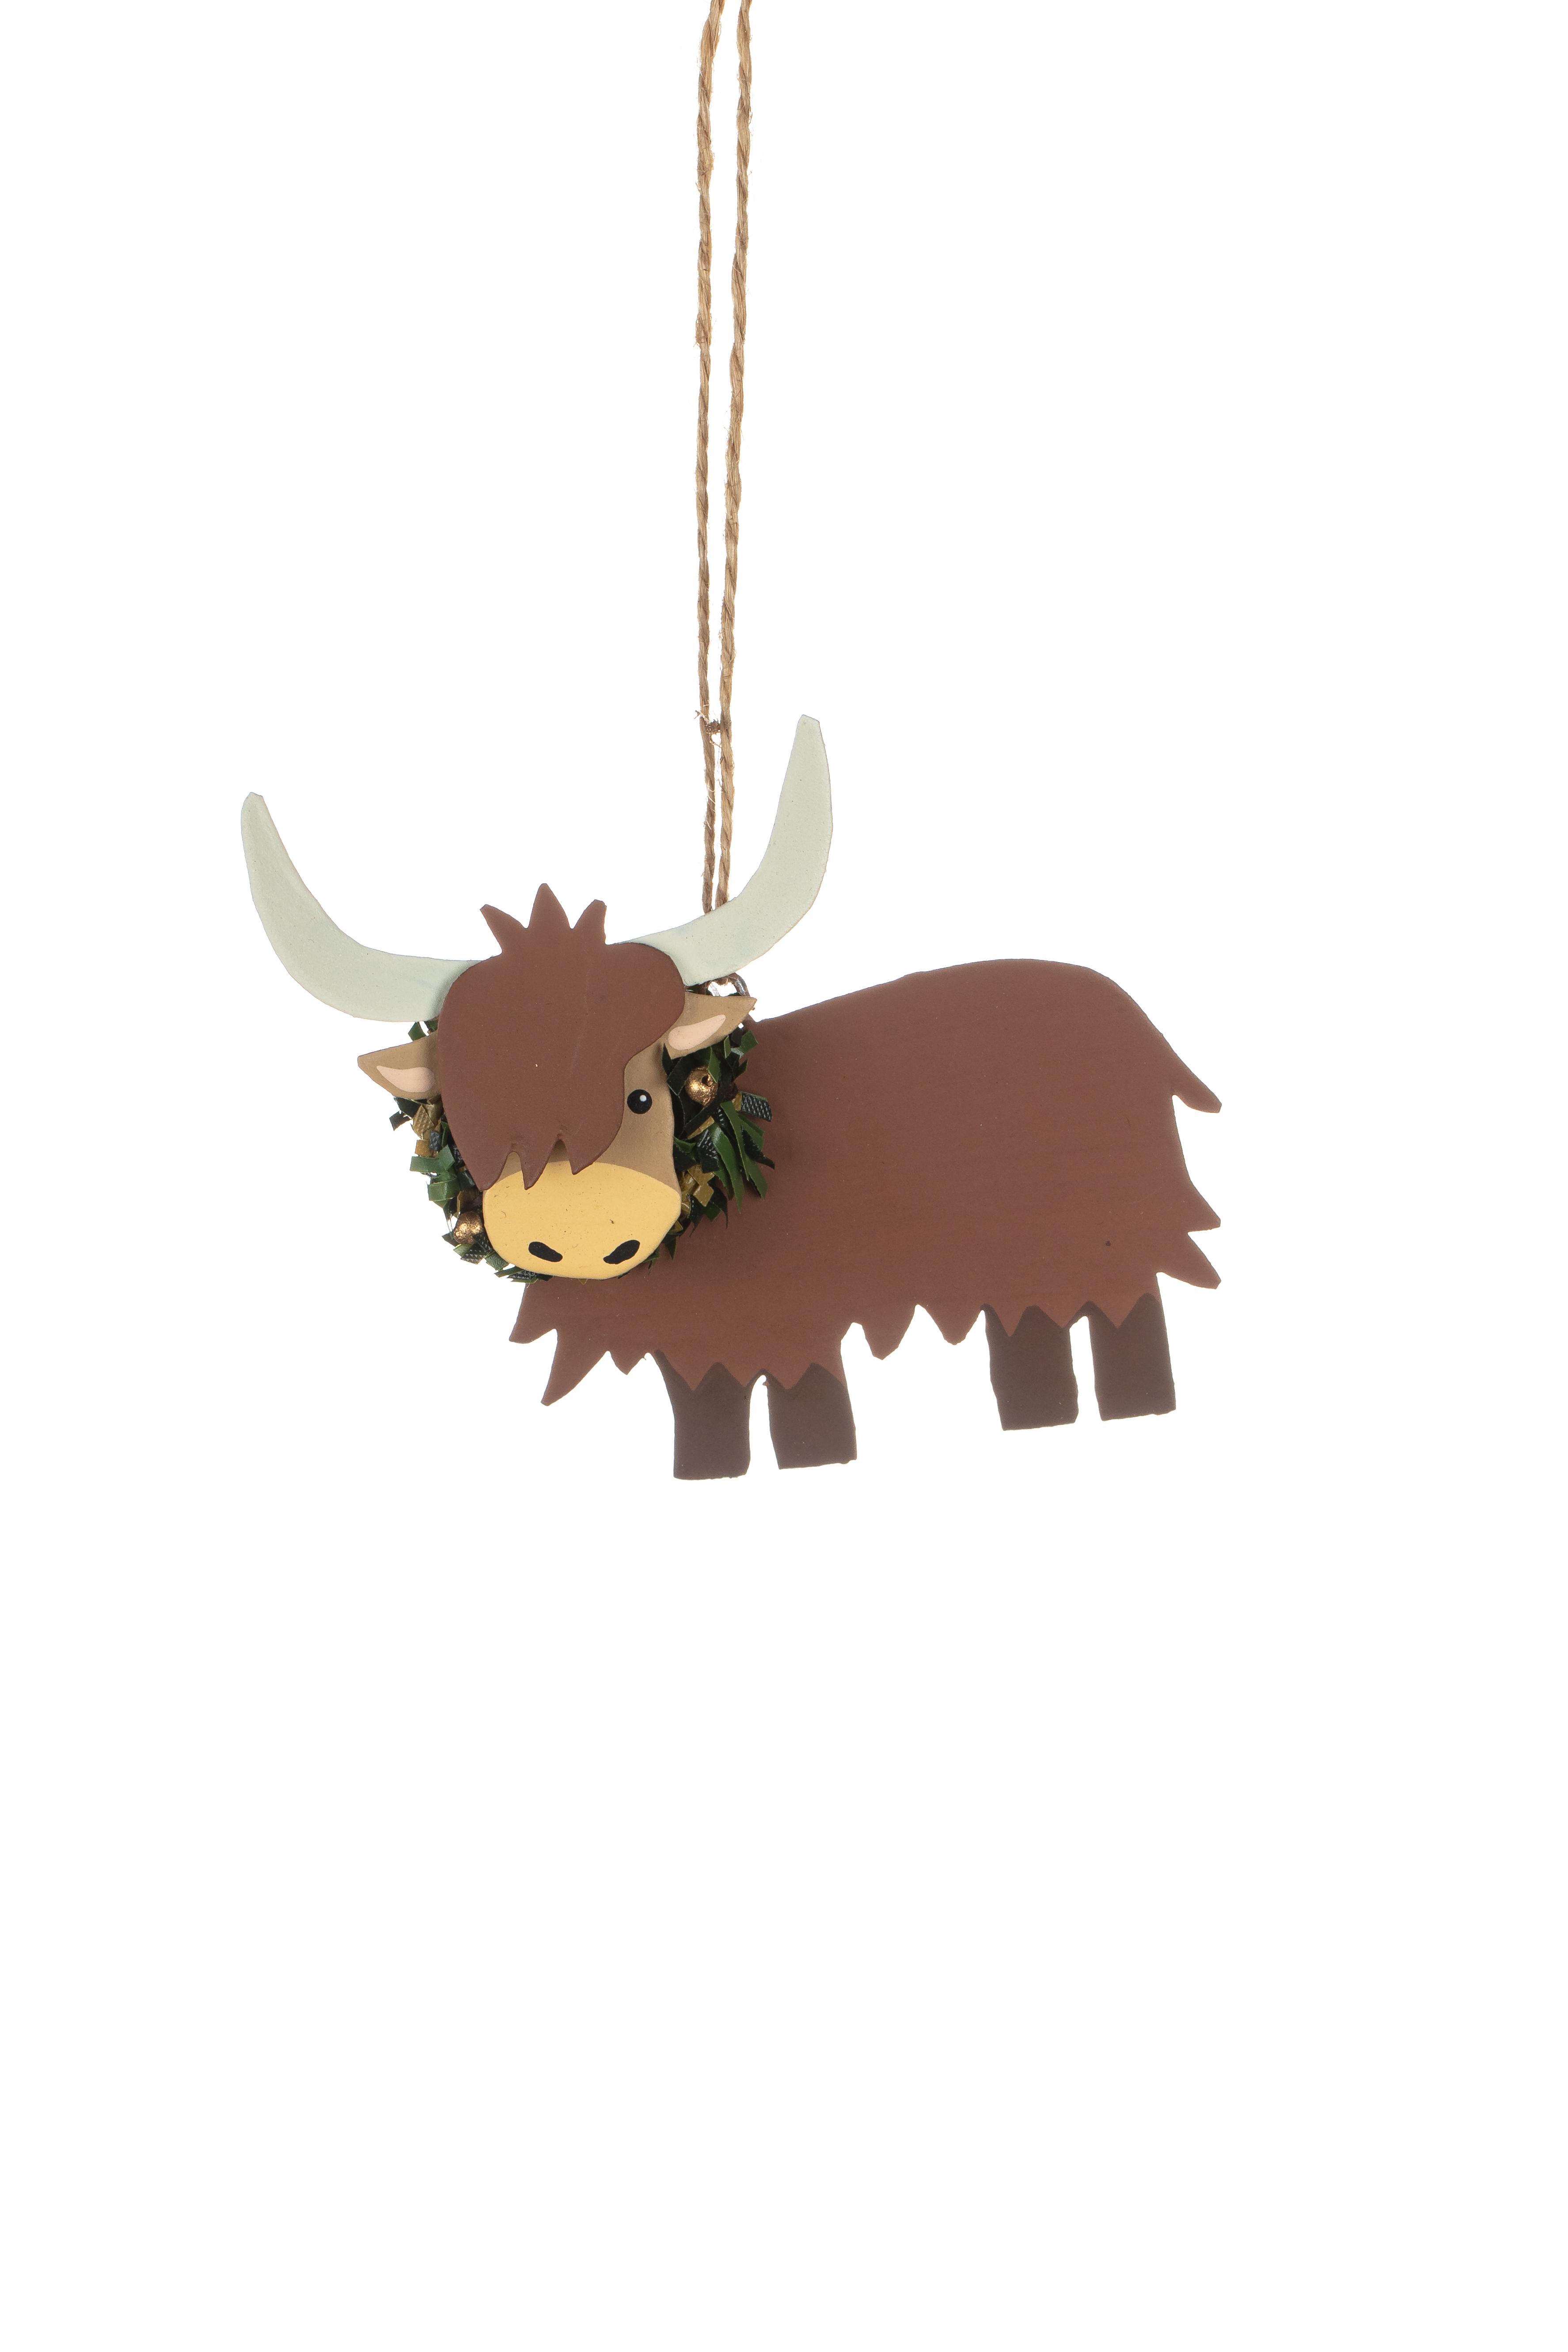 Xmas: Tin Highland Cow with Wreath